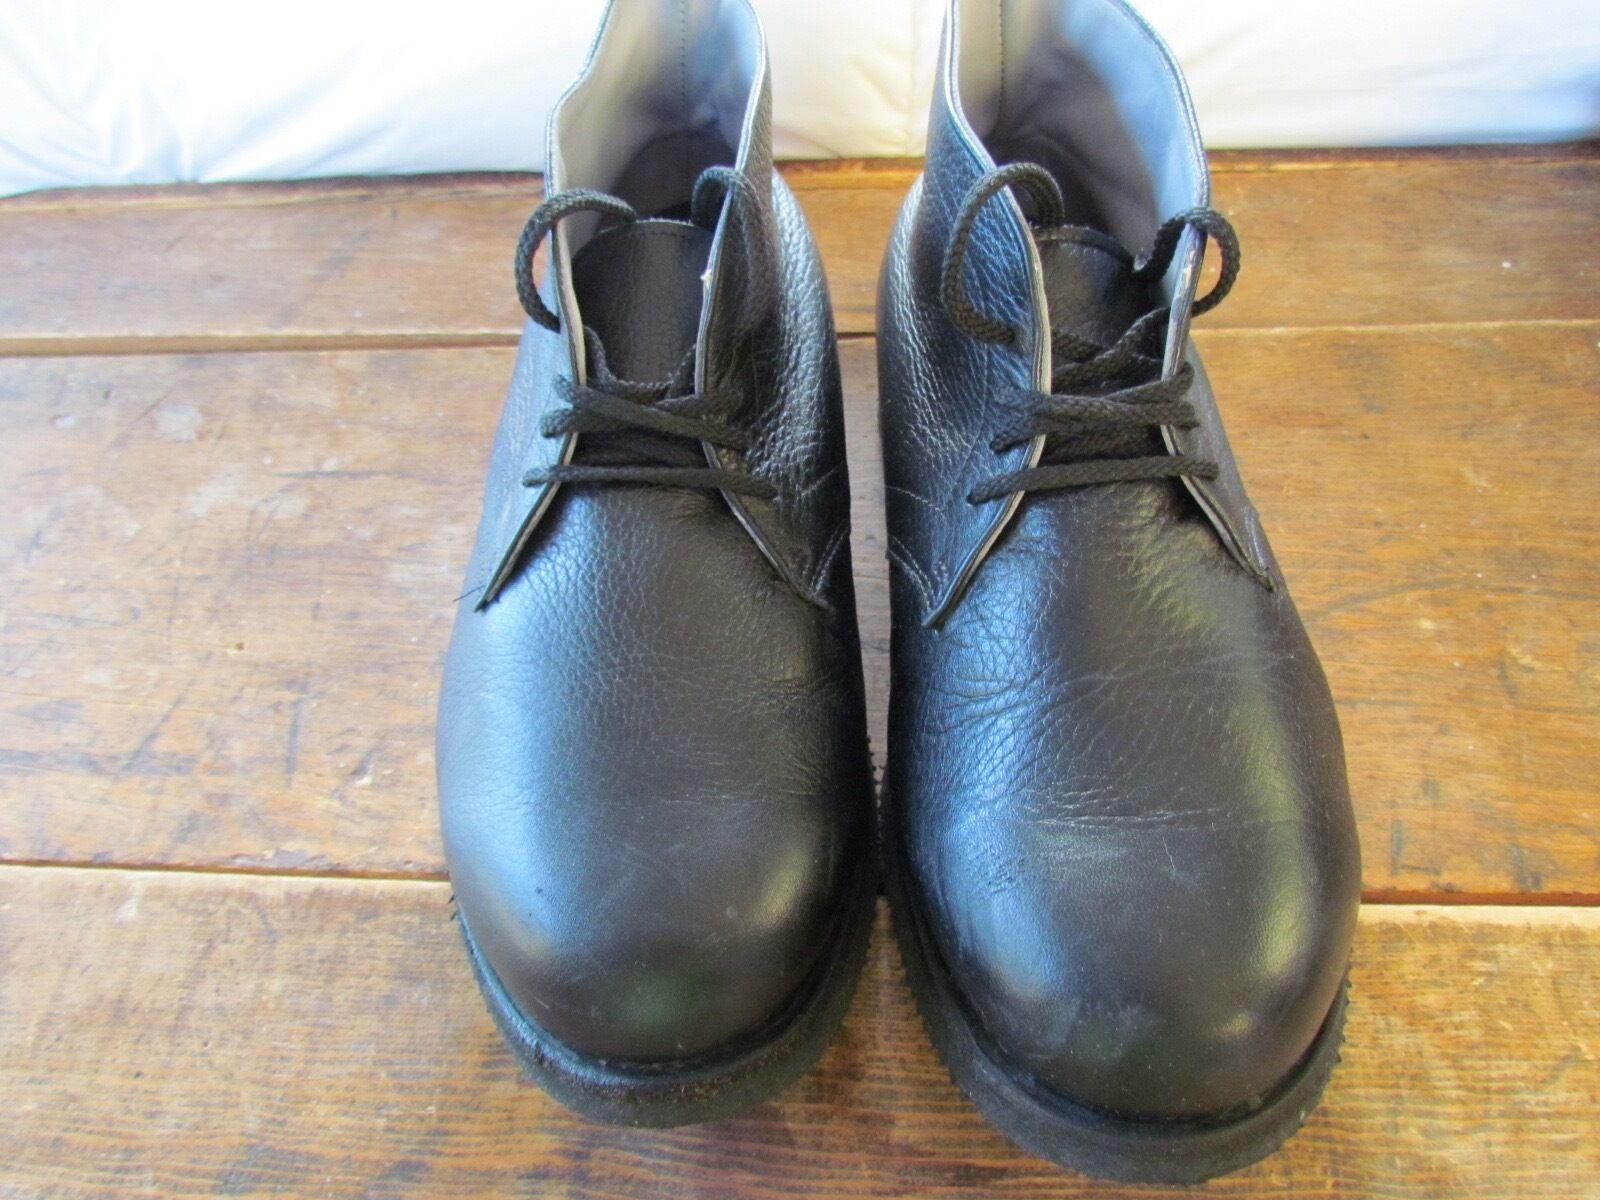 Modelo masculino P.W. cuero negro pequeño chaukka ll 9.2 - 2w vestido y botas de ocio